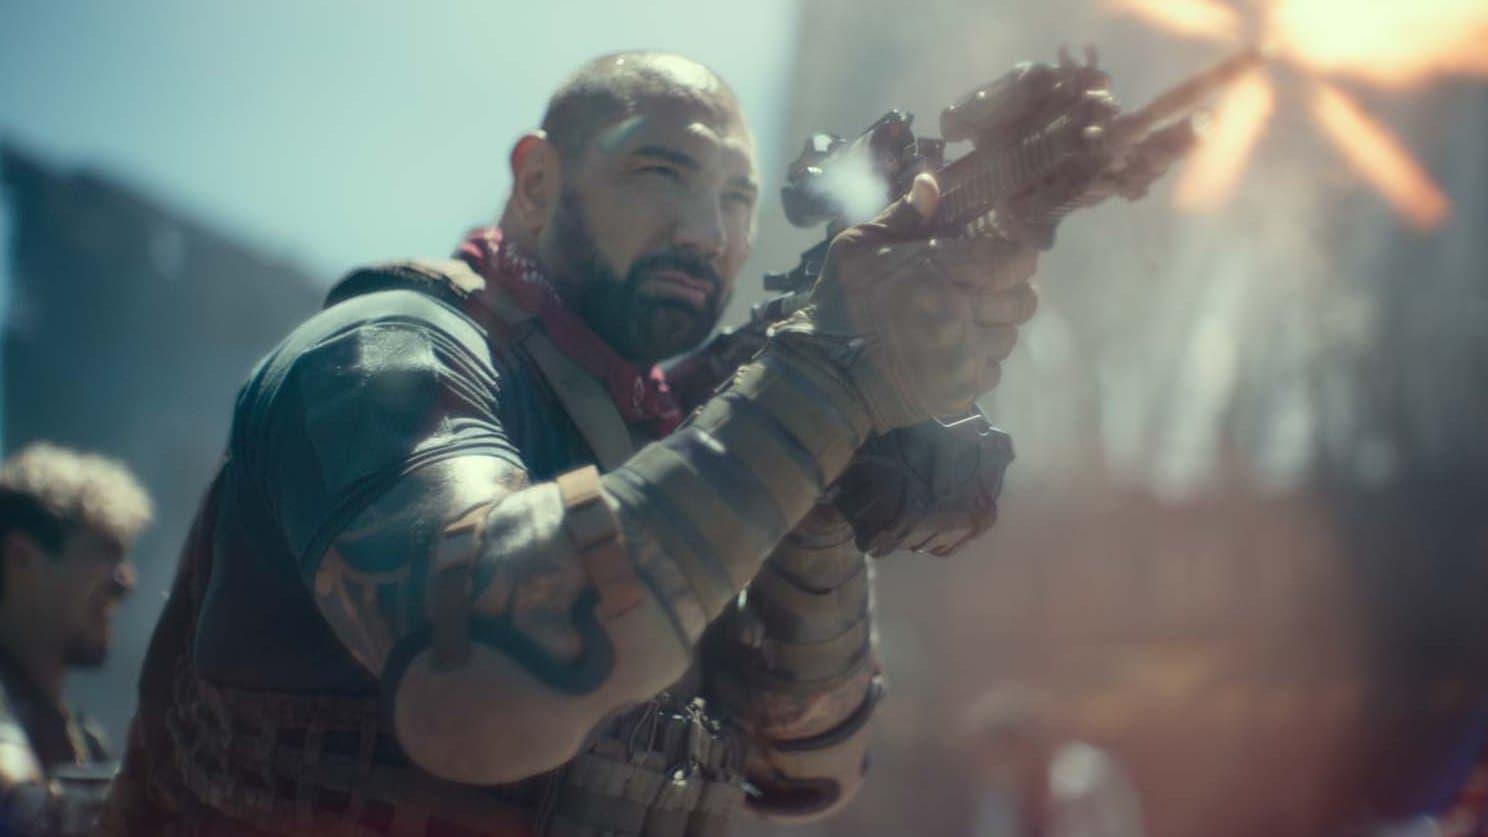 Army of the Dead : Zack Snyder est de retour à l'univers des zombies